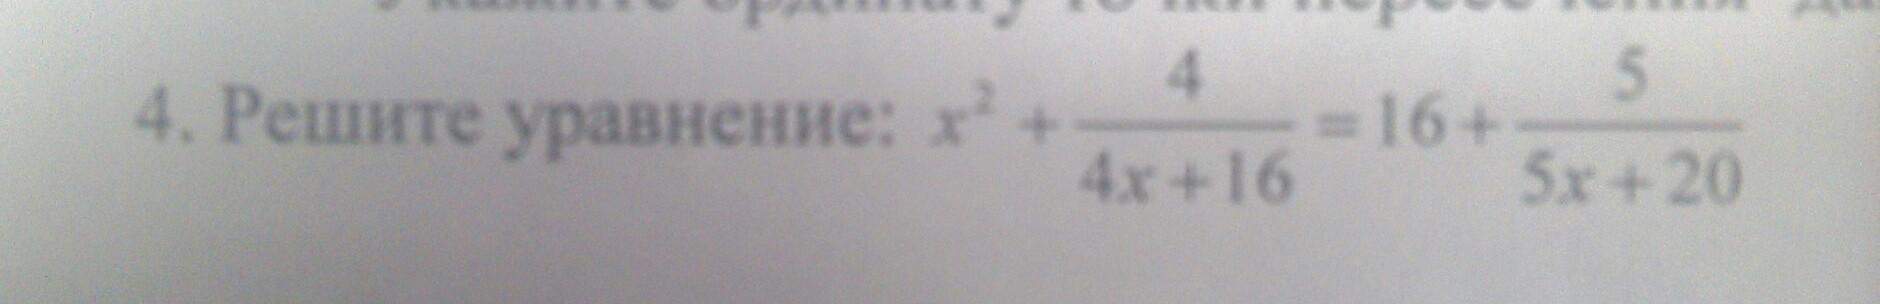 Решите уравнение пожалуйста?